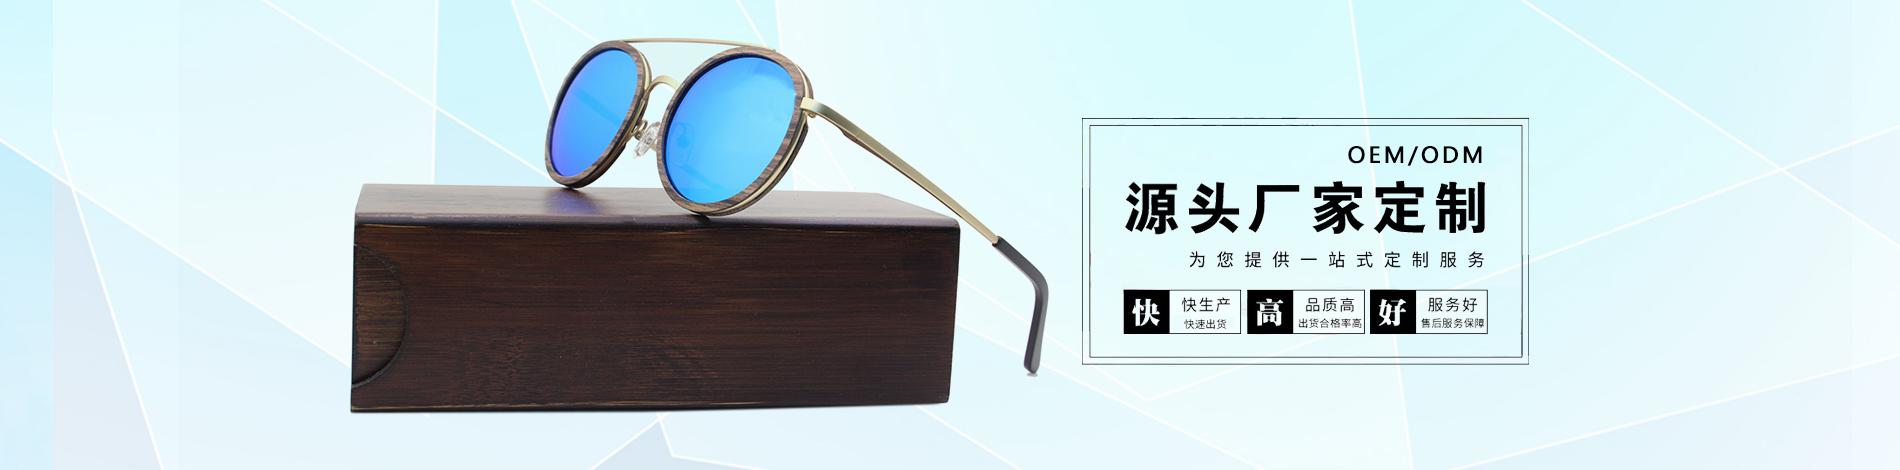 深圳市莱奥光学有限公司